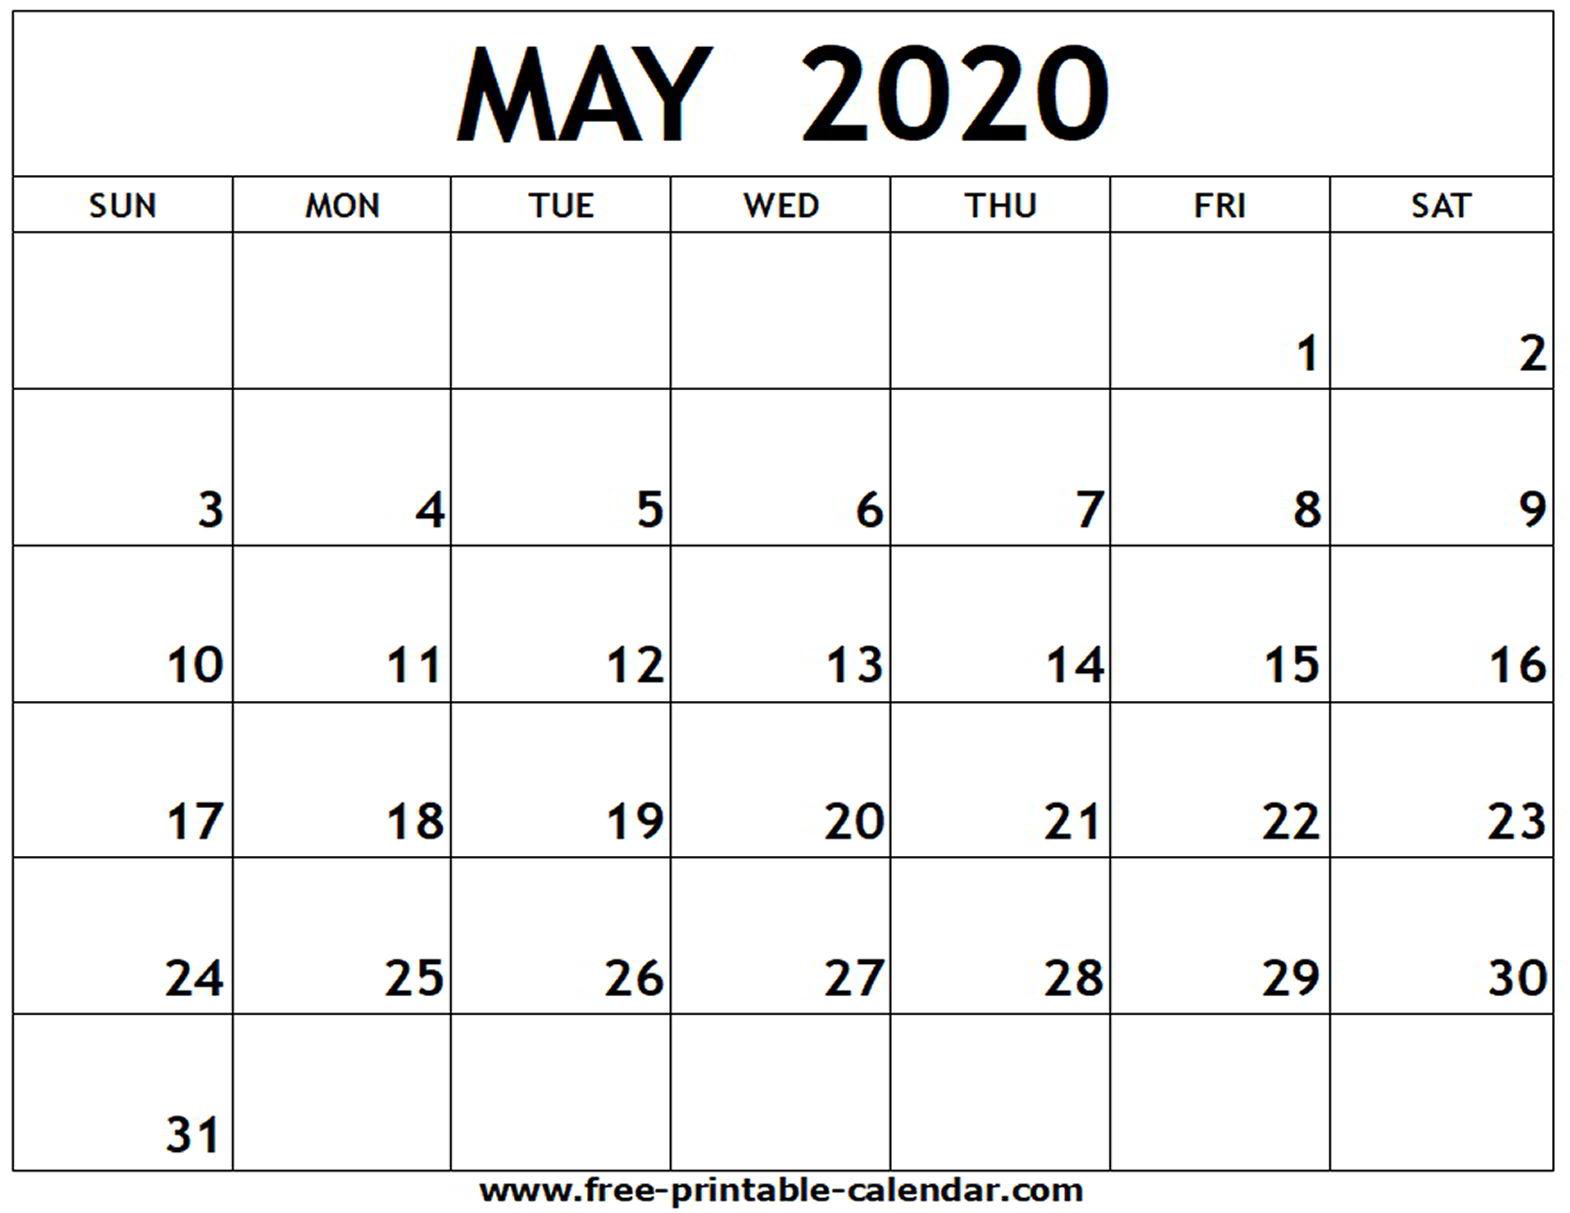 Firefighter Calendar 2020 Printable | Example Calendar Intended For Houston Fire 2021 Shift Calendar